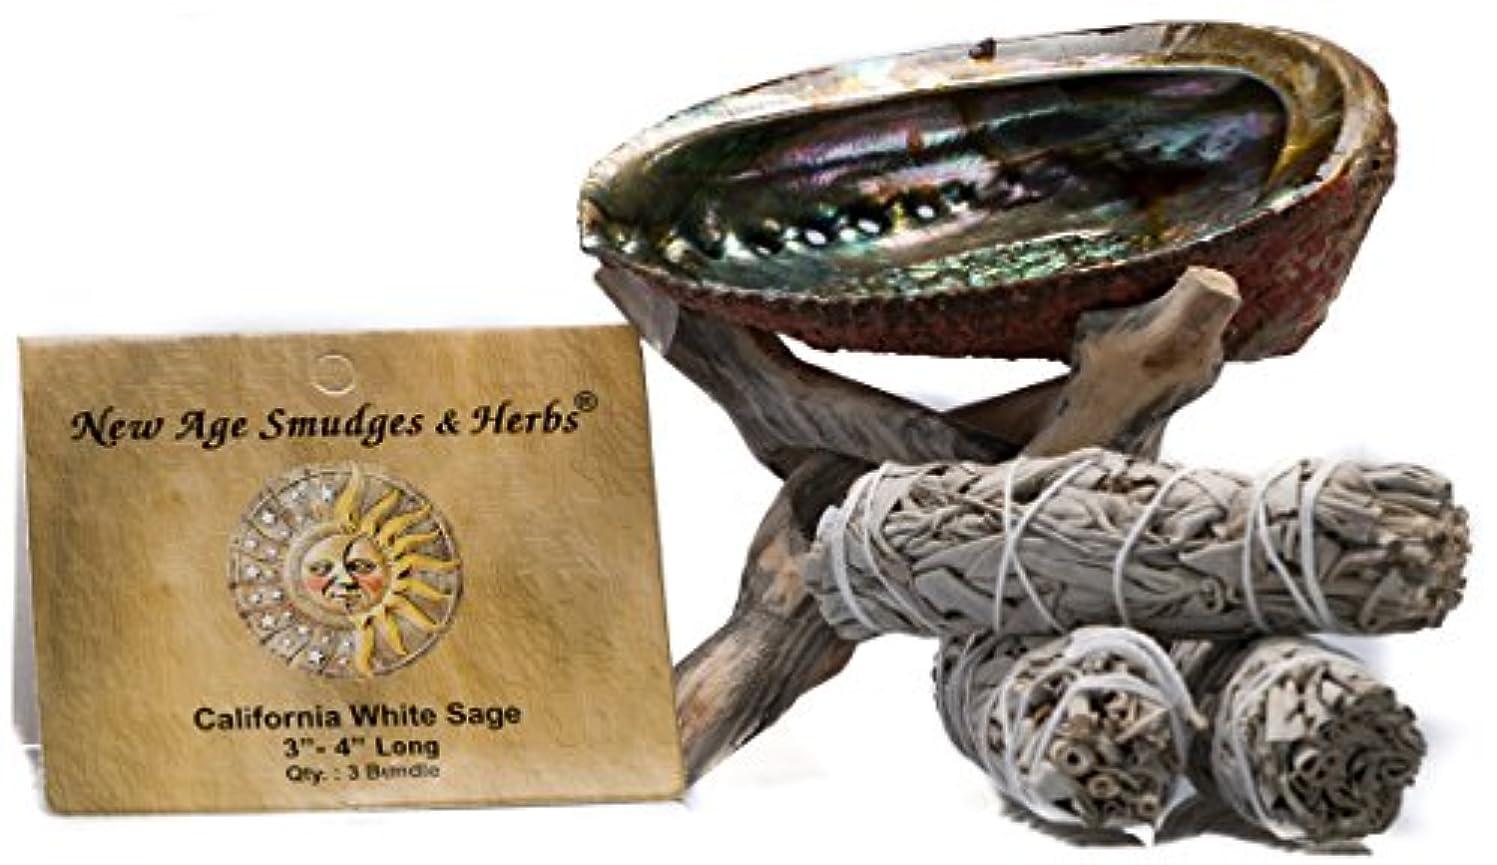 寄り添うリーイディオムスマッジングキット - カリフォルニアホワイトセージ スマッジワンド 3本 (サルビア?アピアナ) 美しい自然の5インチ - 6インチ アバロンシェル 天然木製コブラ三脚スタンド付き - セージスティックの長さは4インチ